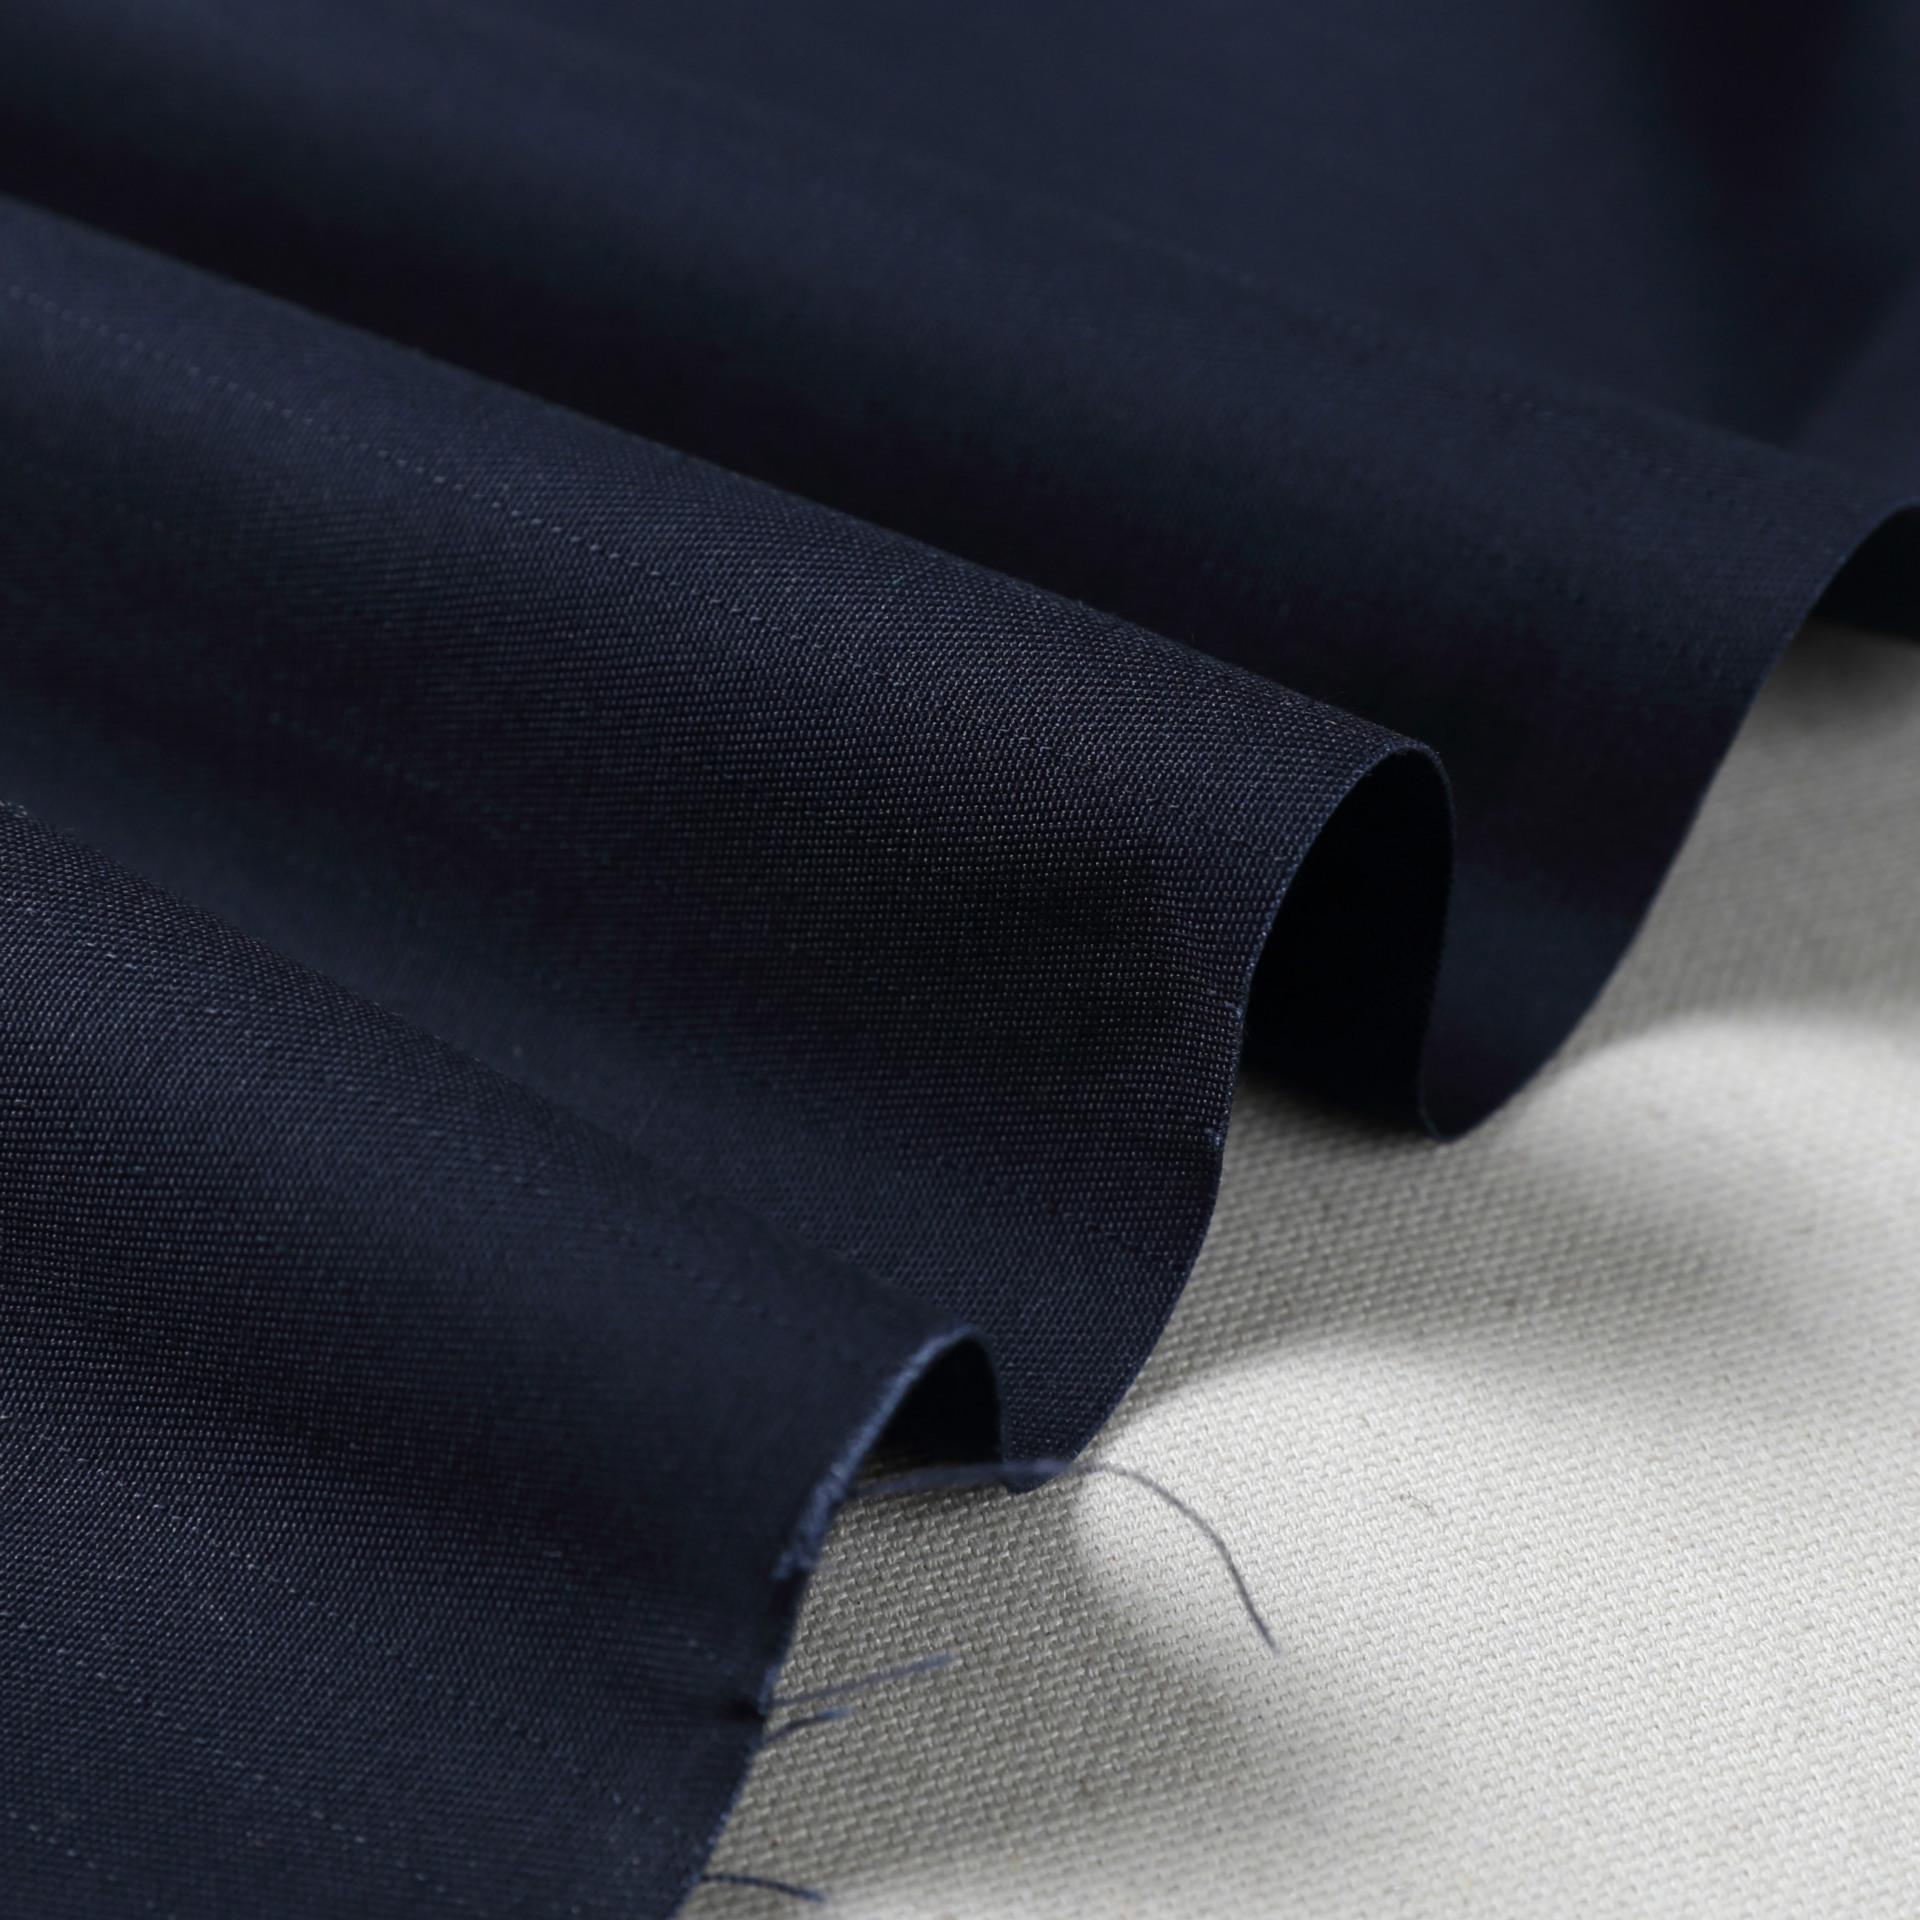 Mùa thu và mùa đông màu phù hợp với vải twill pha trộn sợi hóa học vải thời trang polyester viscose